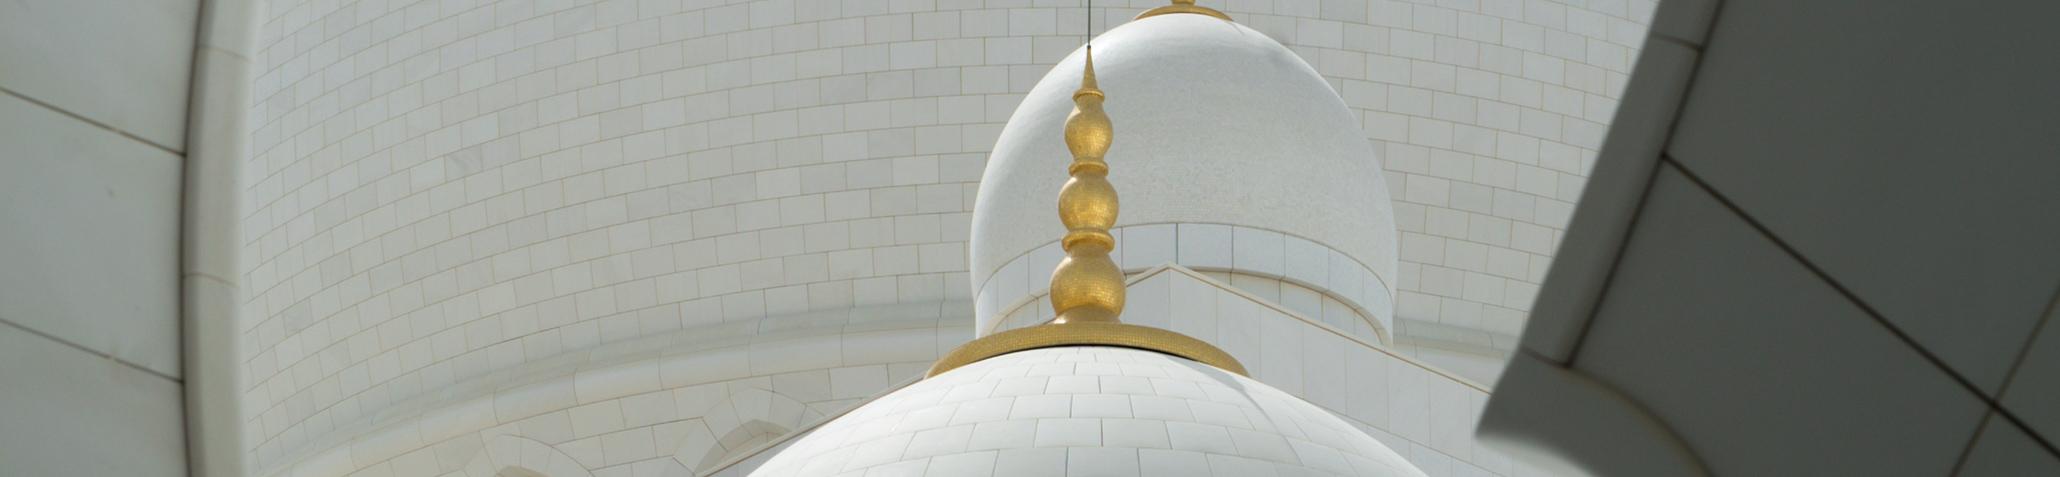 The Religious Agenda of Muslims